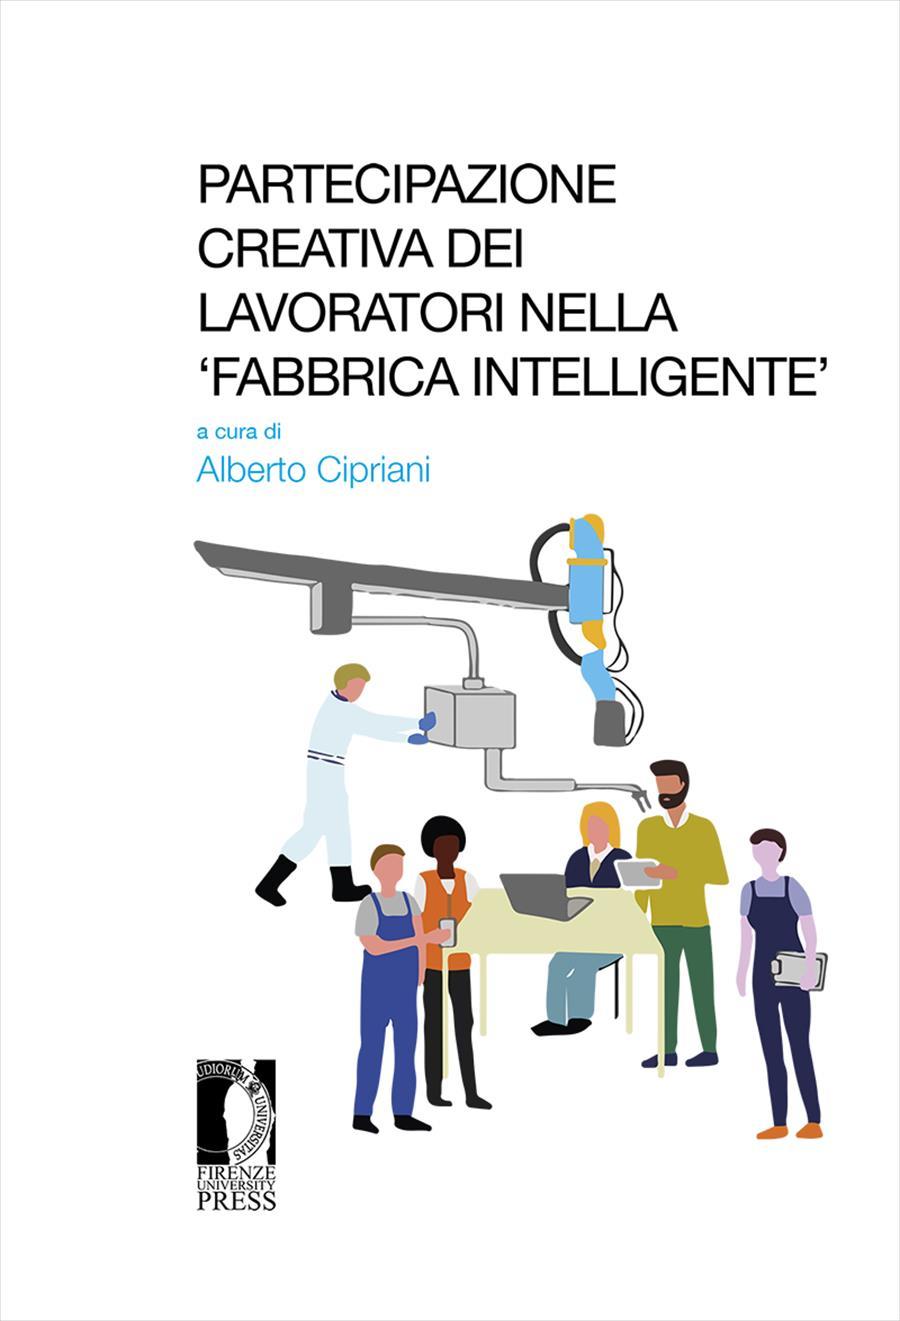 Partecipazione creativa dei lavoratori nella 'fabbrica intelligente'